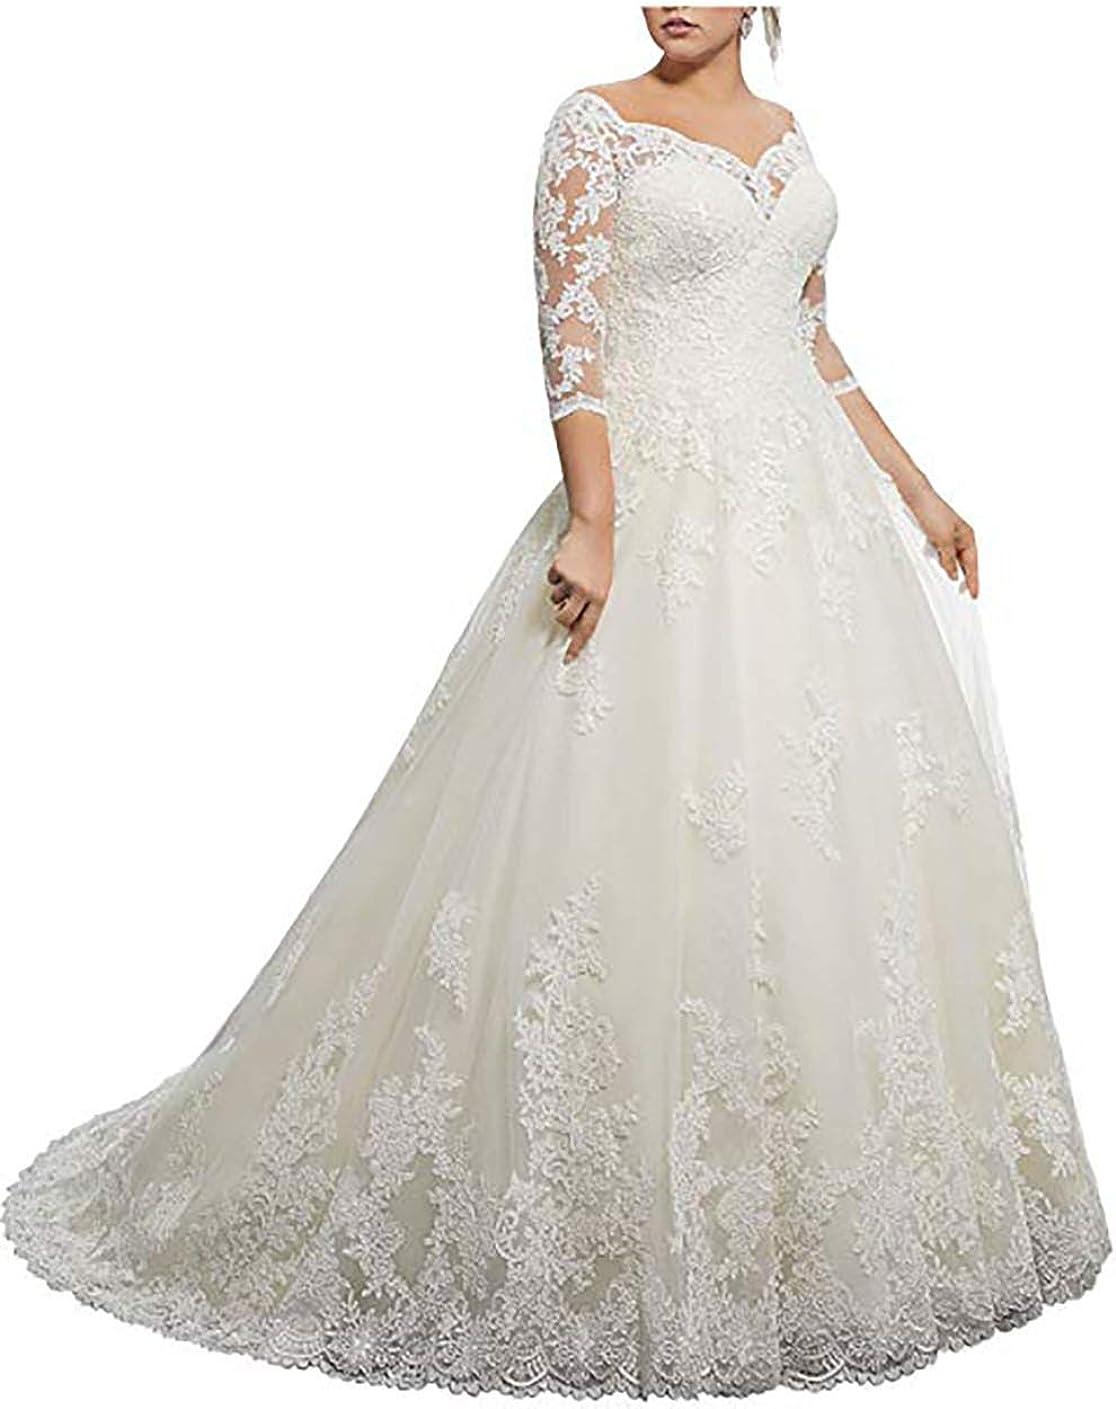 Amazon.com: Yilisa Plus Size Bridal Ball Gown Vintage Lace Wedding